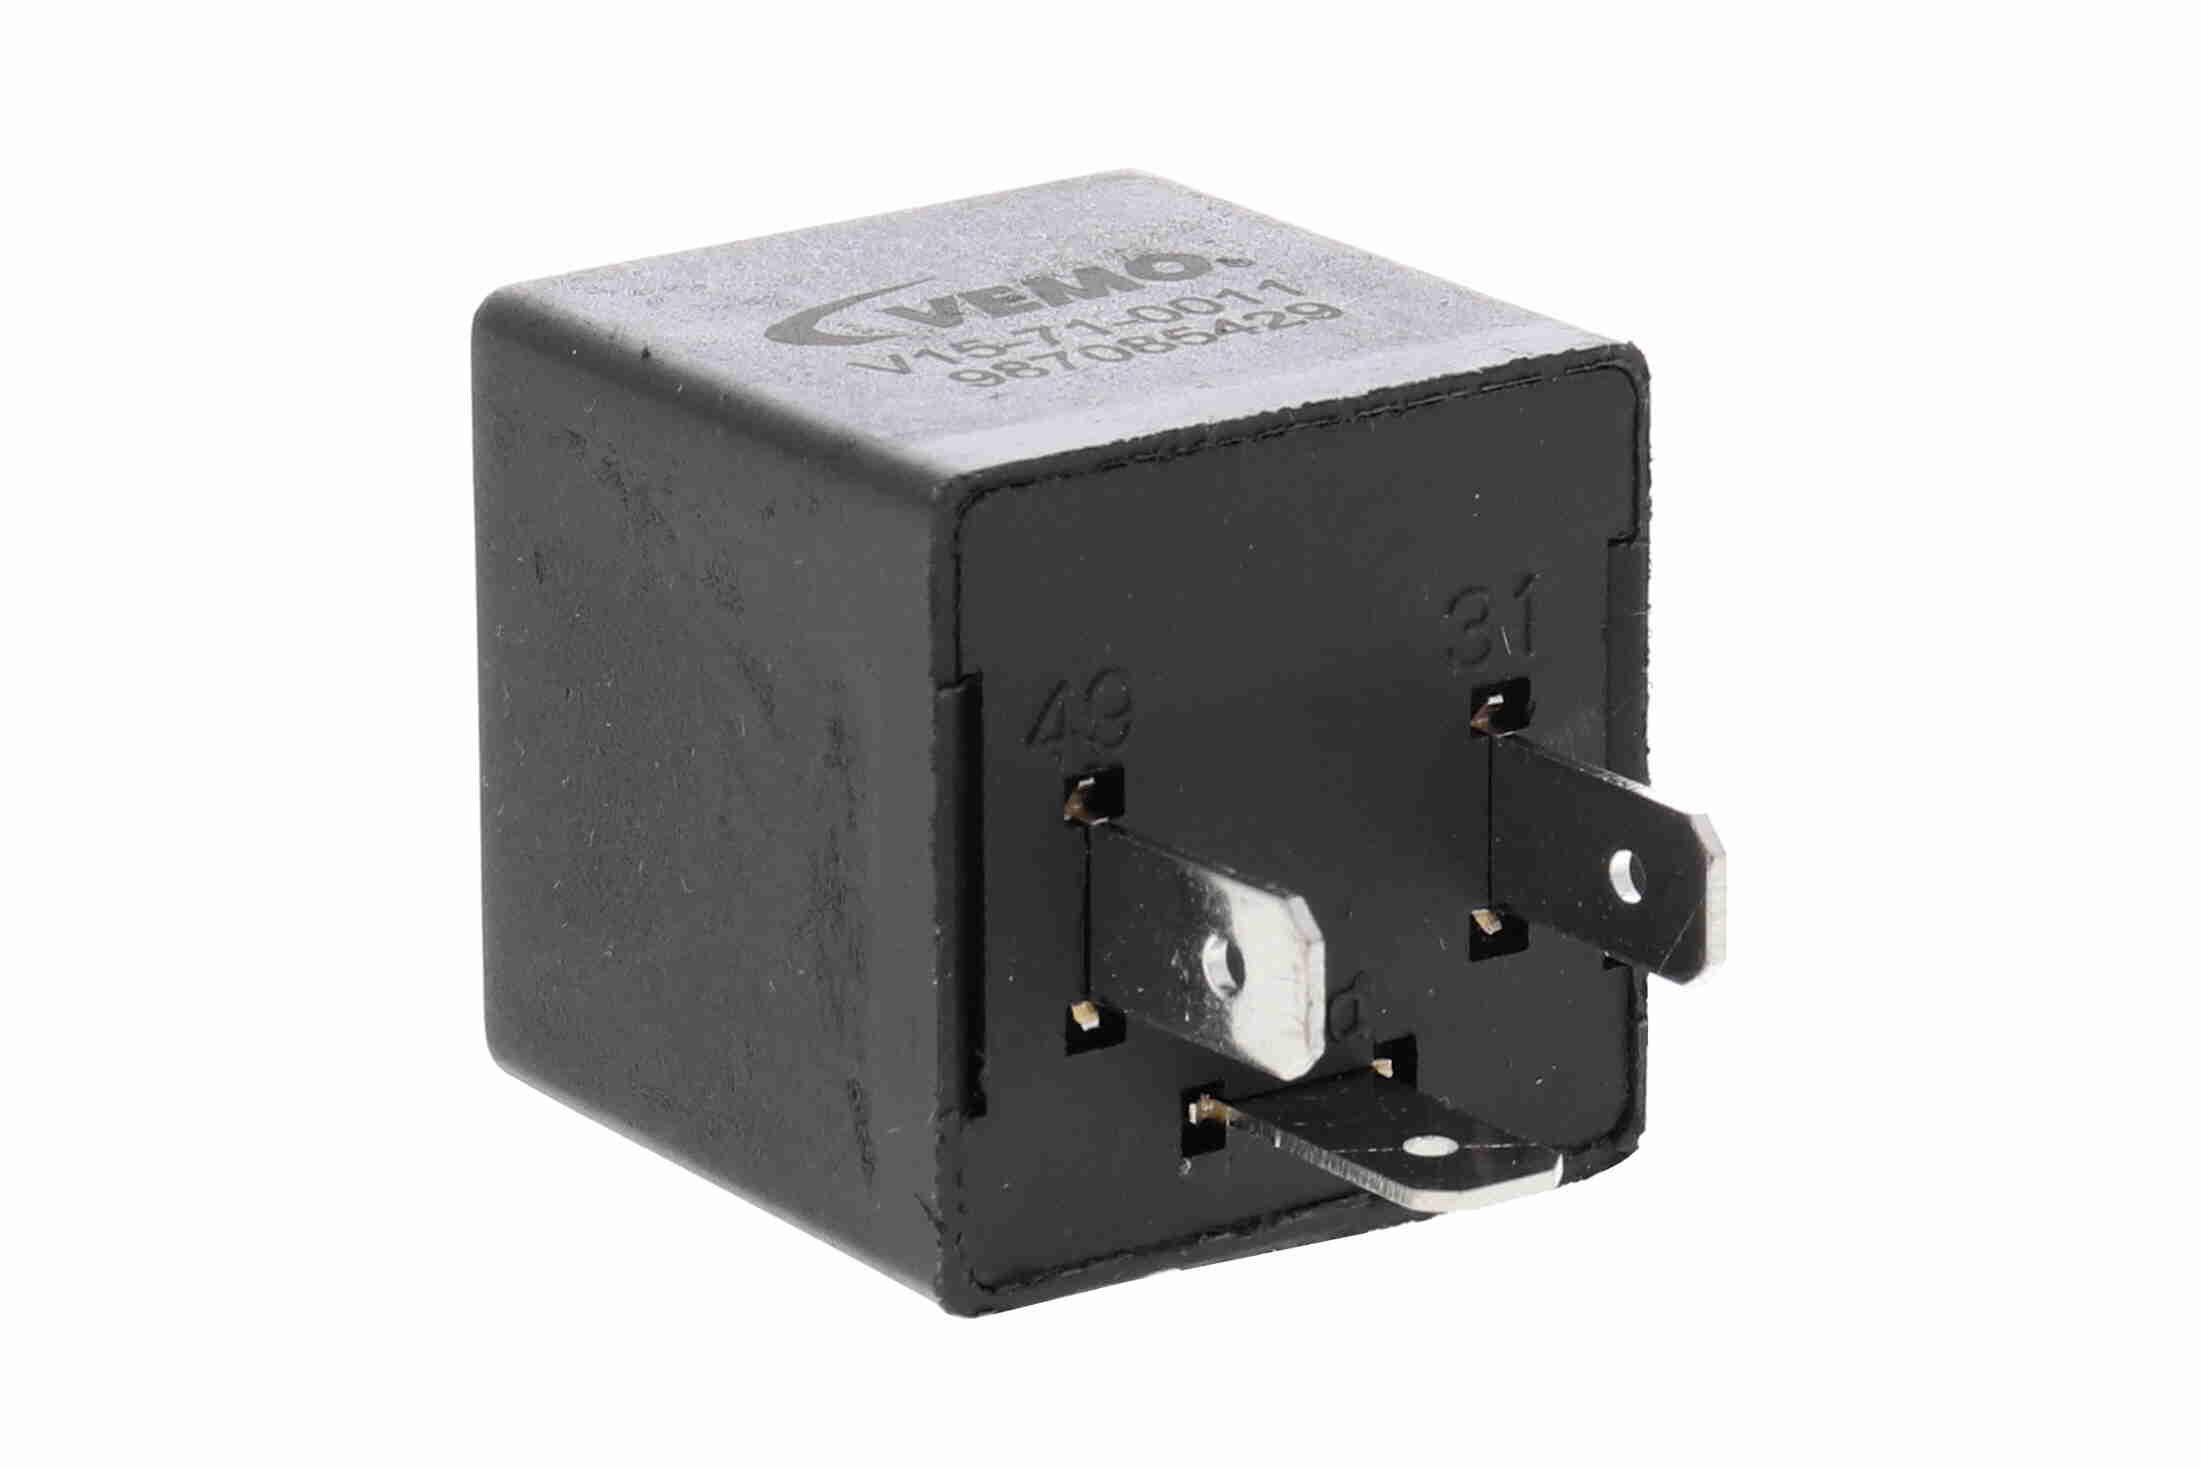 Sähköistys V15-71-0011 poikkeuksellisen hyvällä VEMO hinta-laatusuhteella